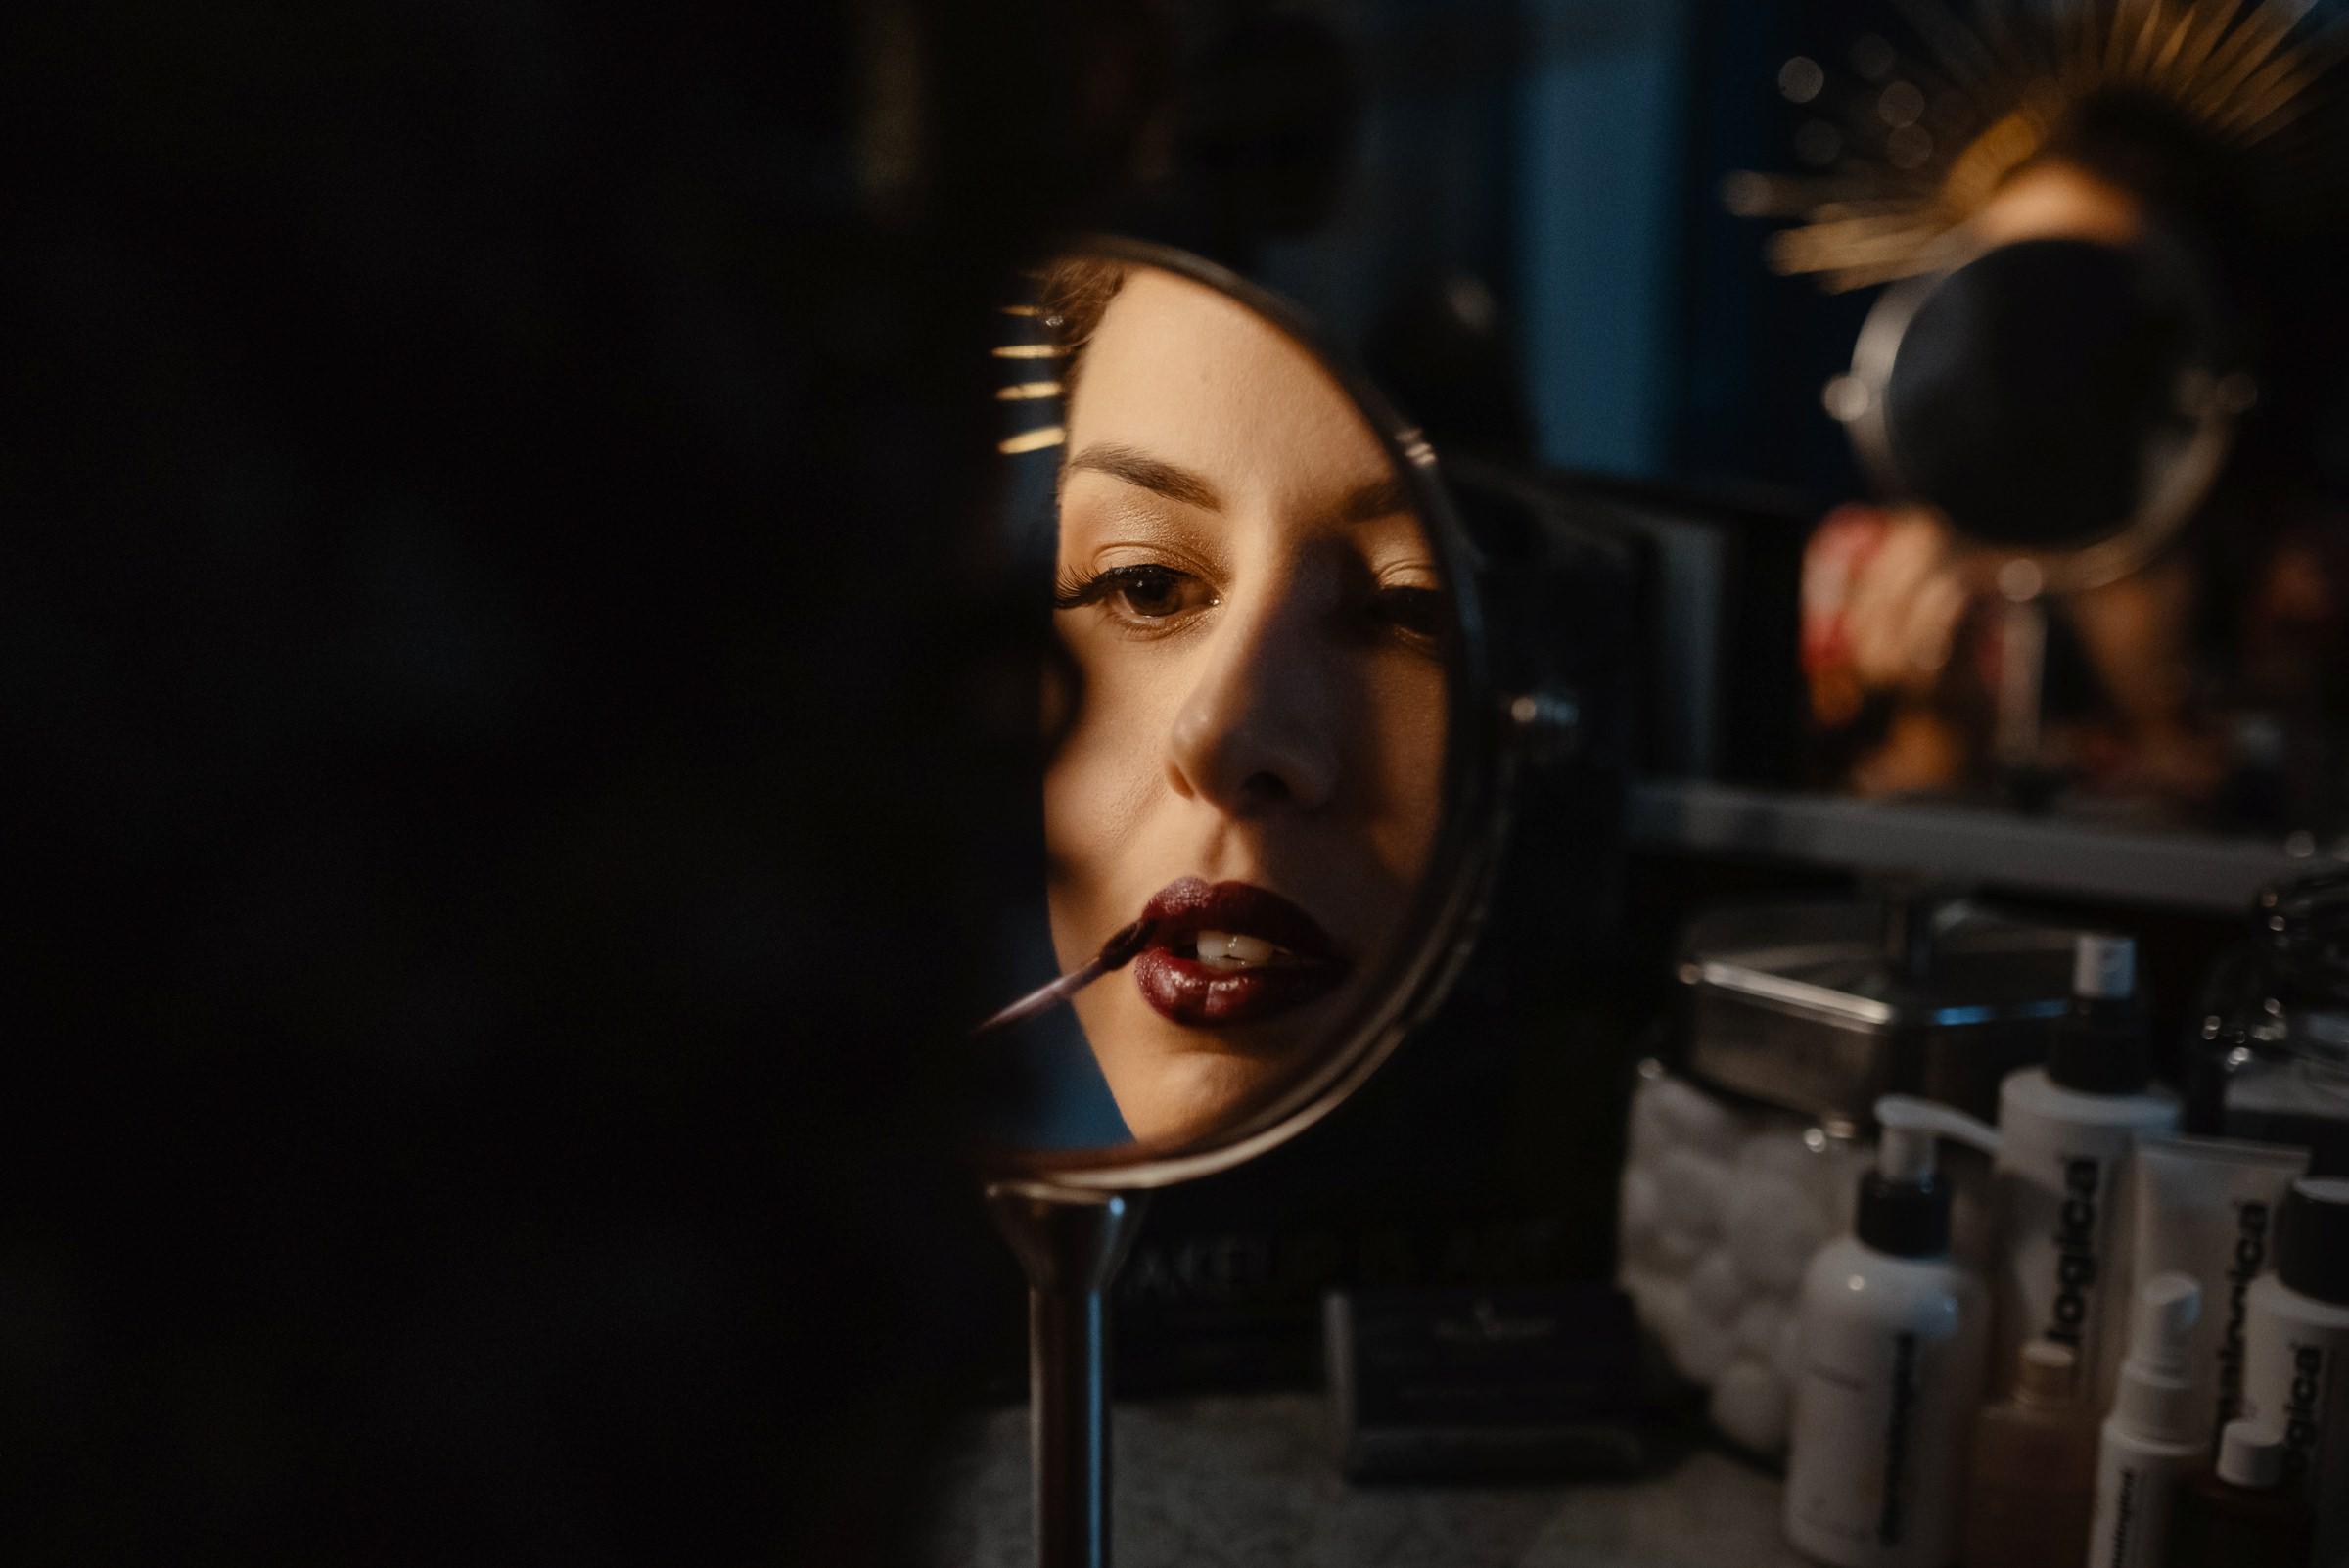 bride putting her lipstick on in teh mirror-new orleans-austin-houston-wedding- photo by Dark Roux